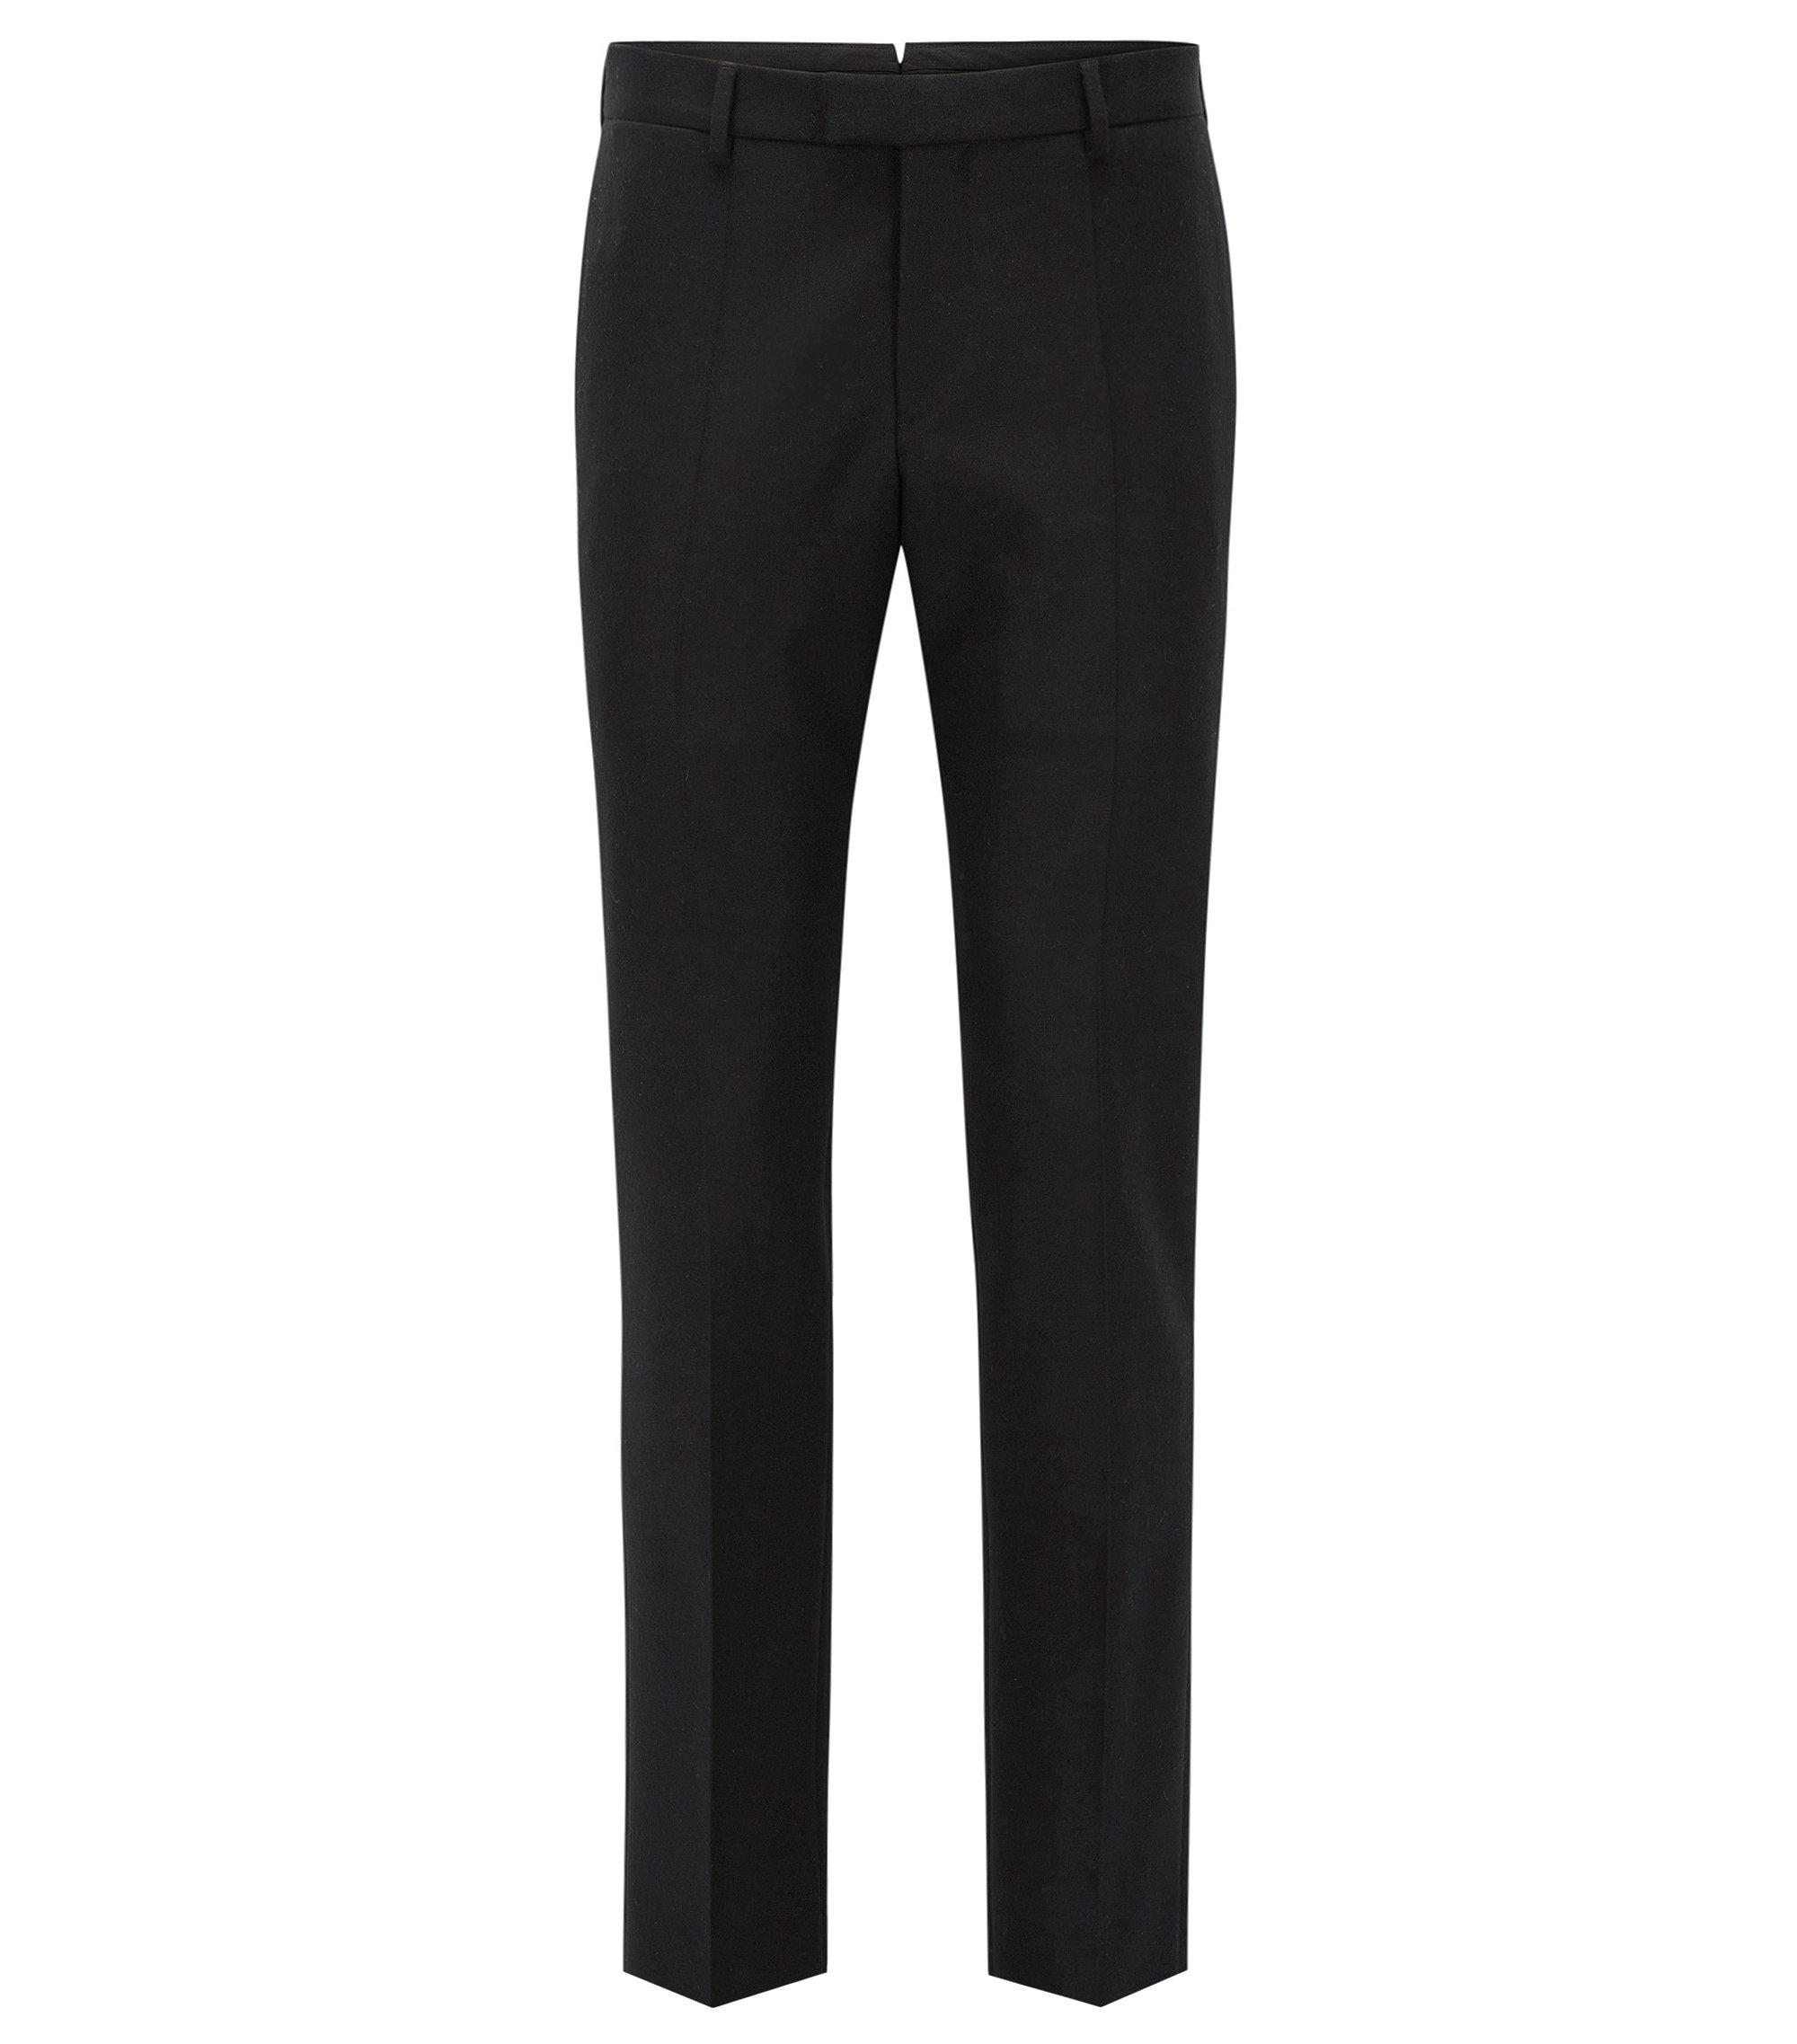 Pantalon Slim Fit en laine avec patte décalée à la taille, Noir